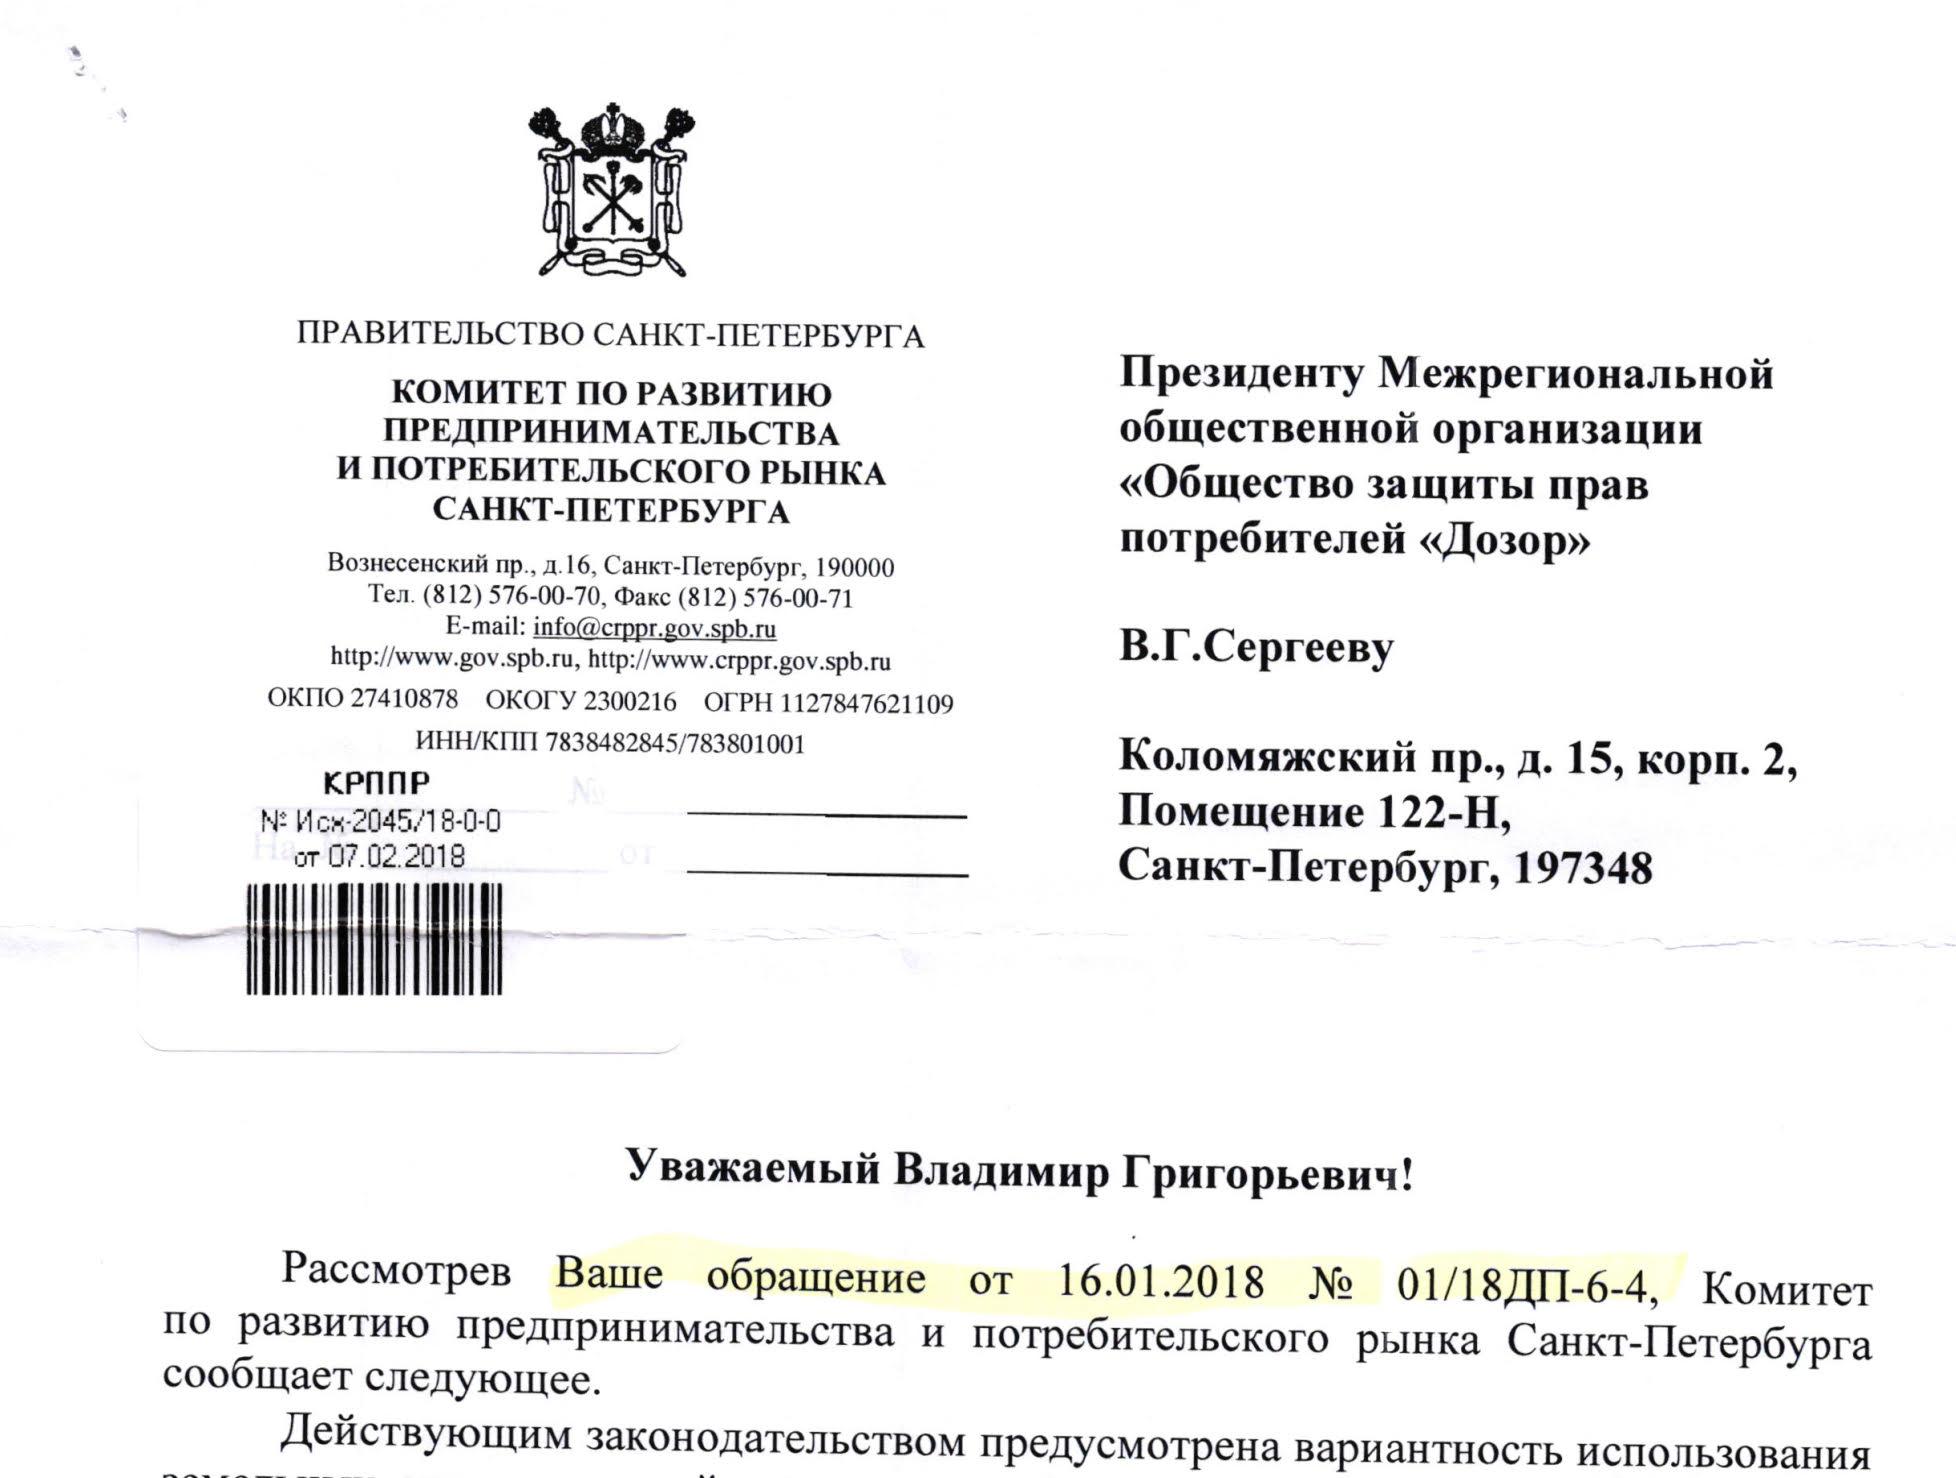 Ответ Комитета по развитию предпринимательства и потребительского рынка Санкт-Петербурга на обращение от 16.01.2018